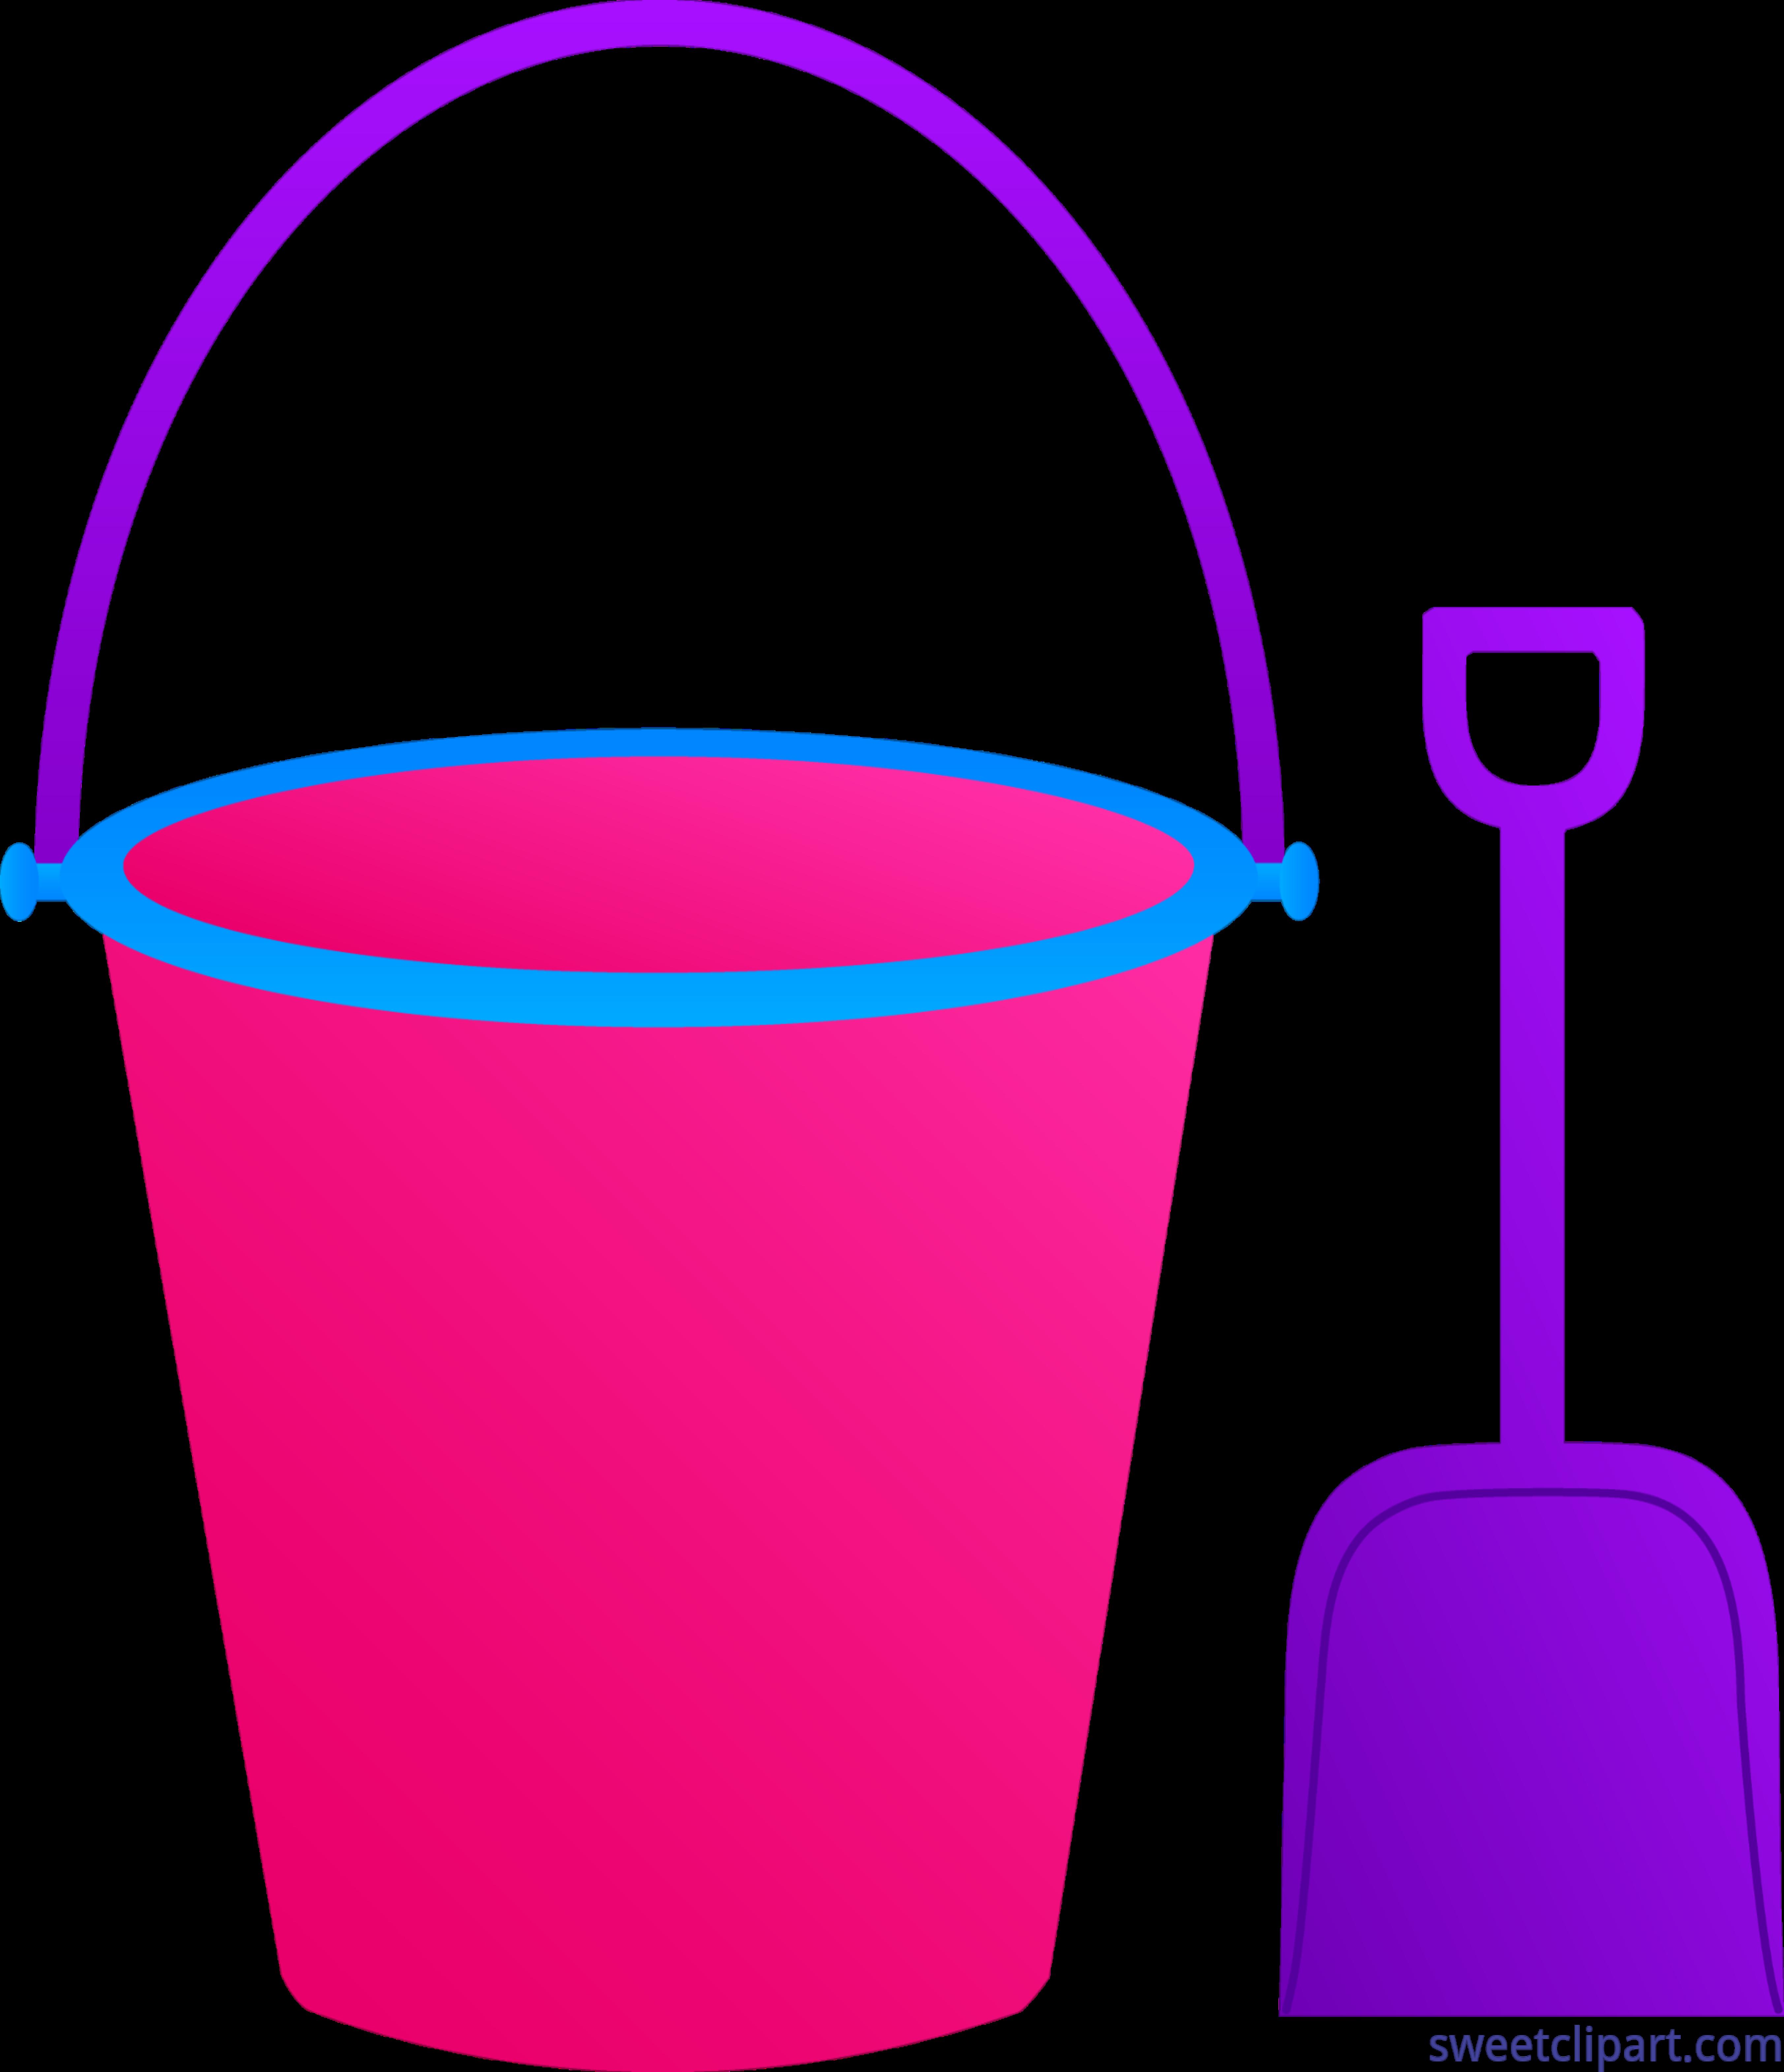 Bucket clipart pail. Shovel pink purple clip